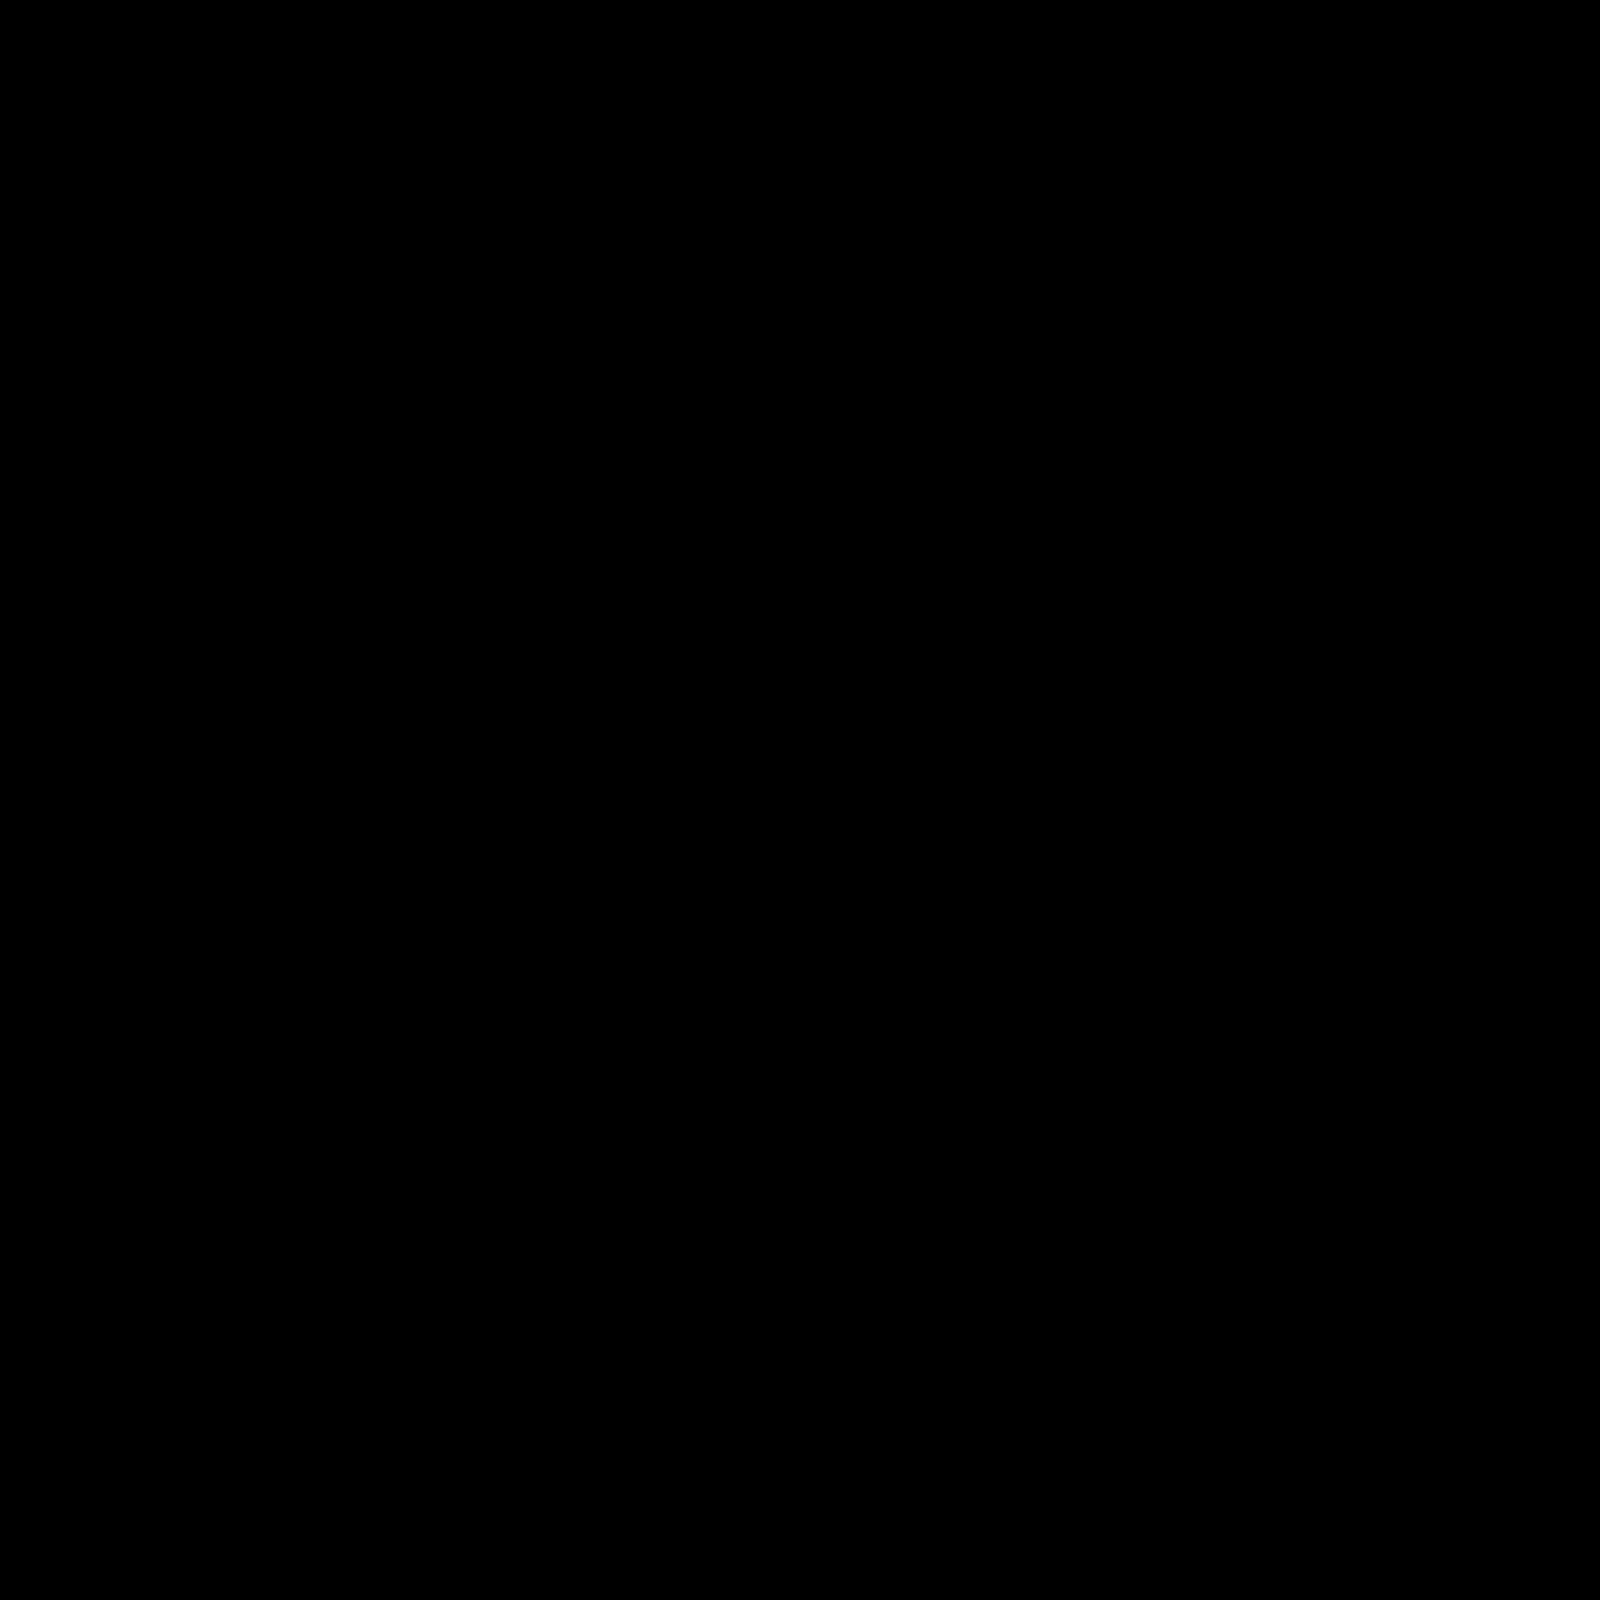 Nieodebrane połączenie icon